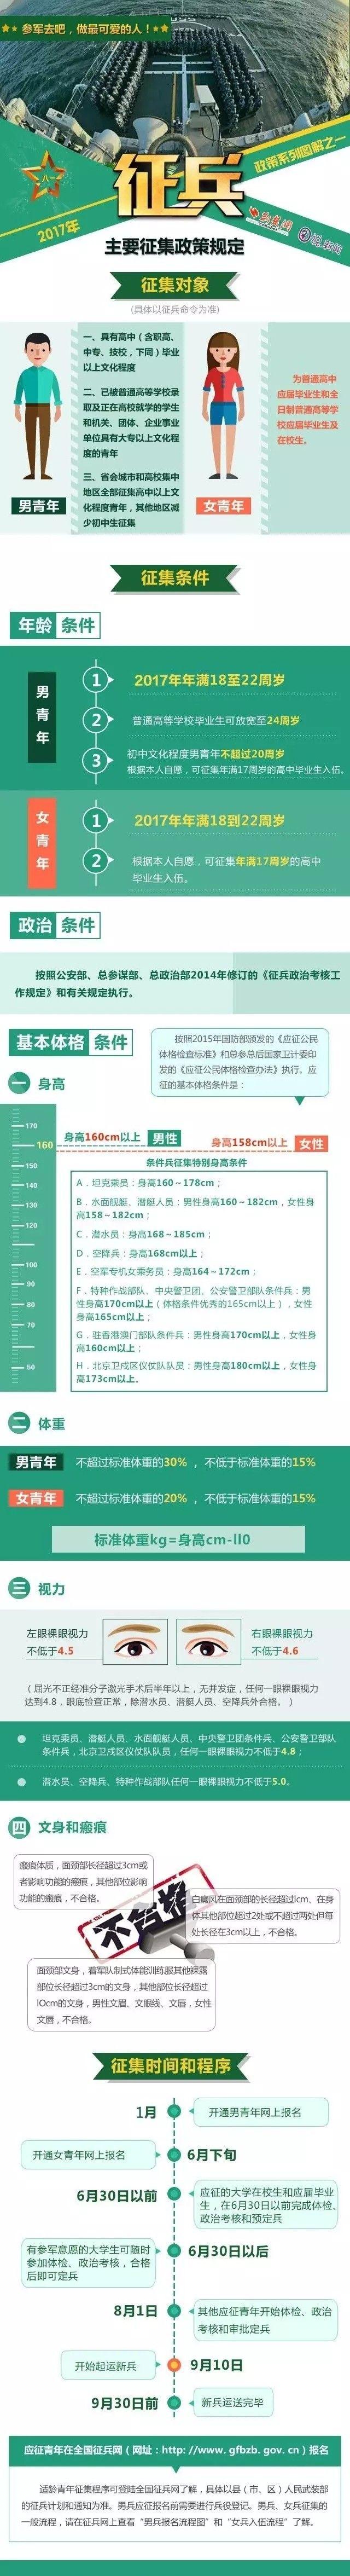 2017年征兵政策图解